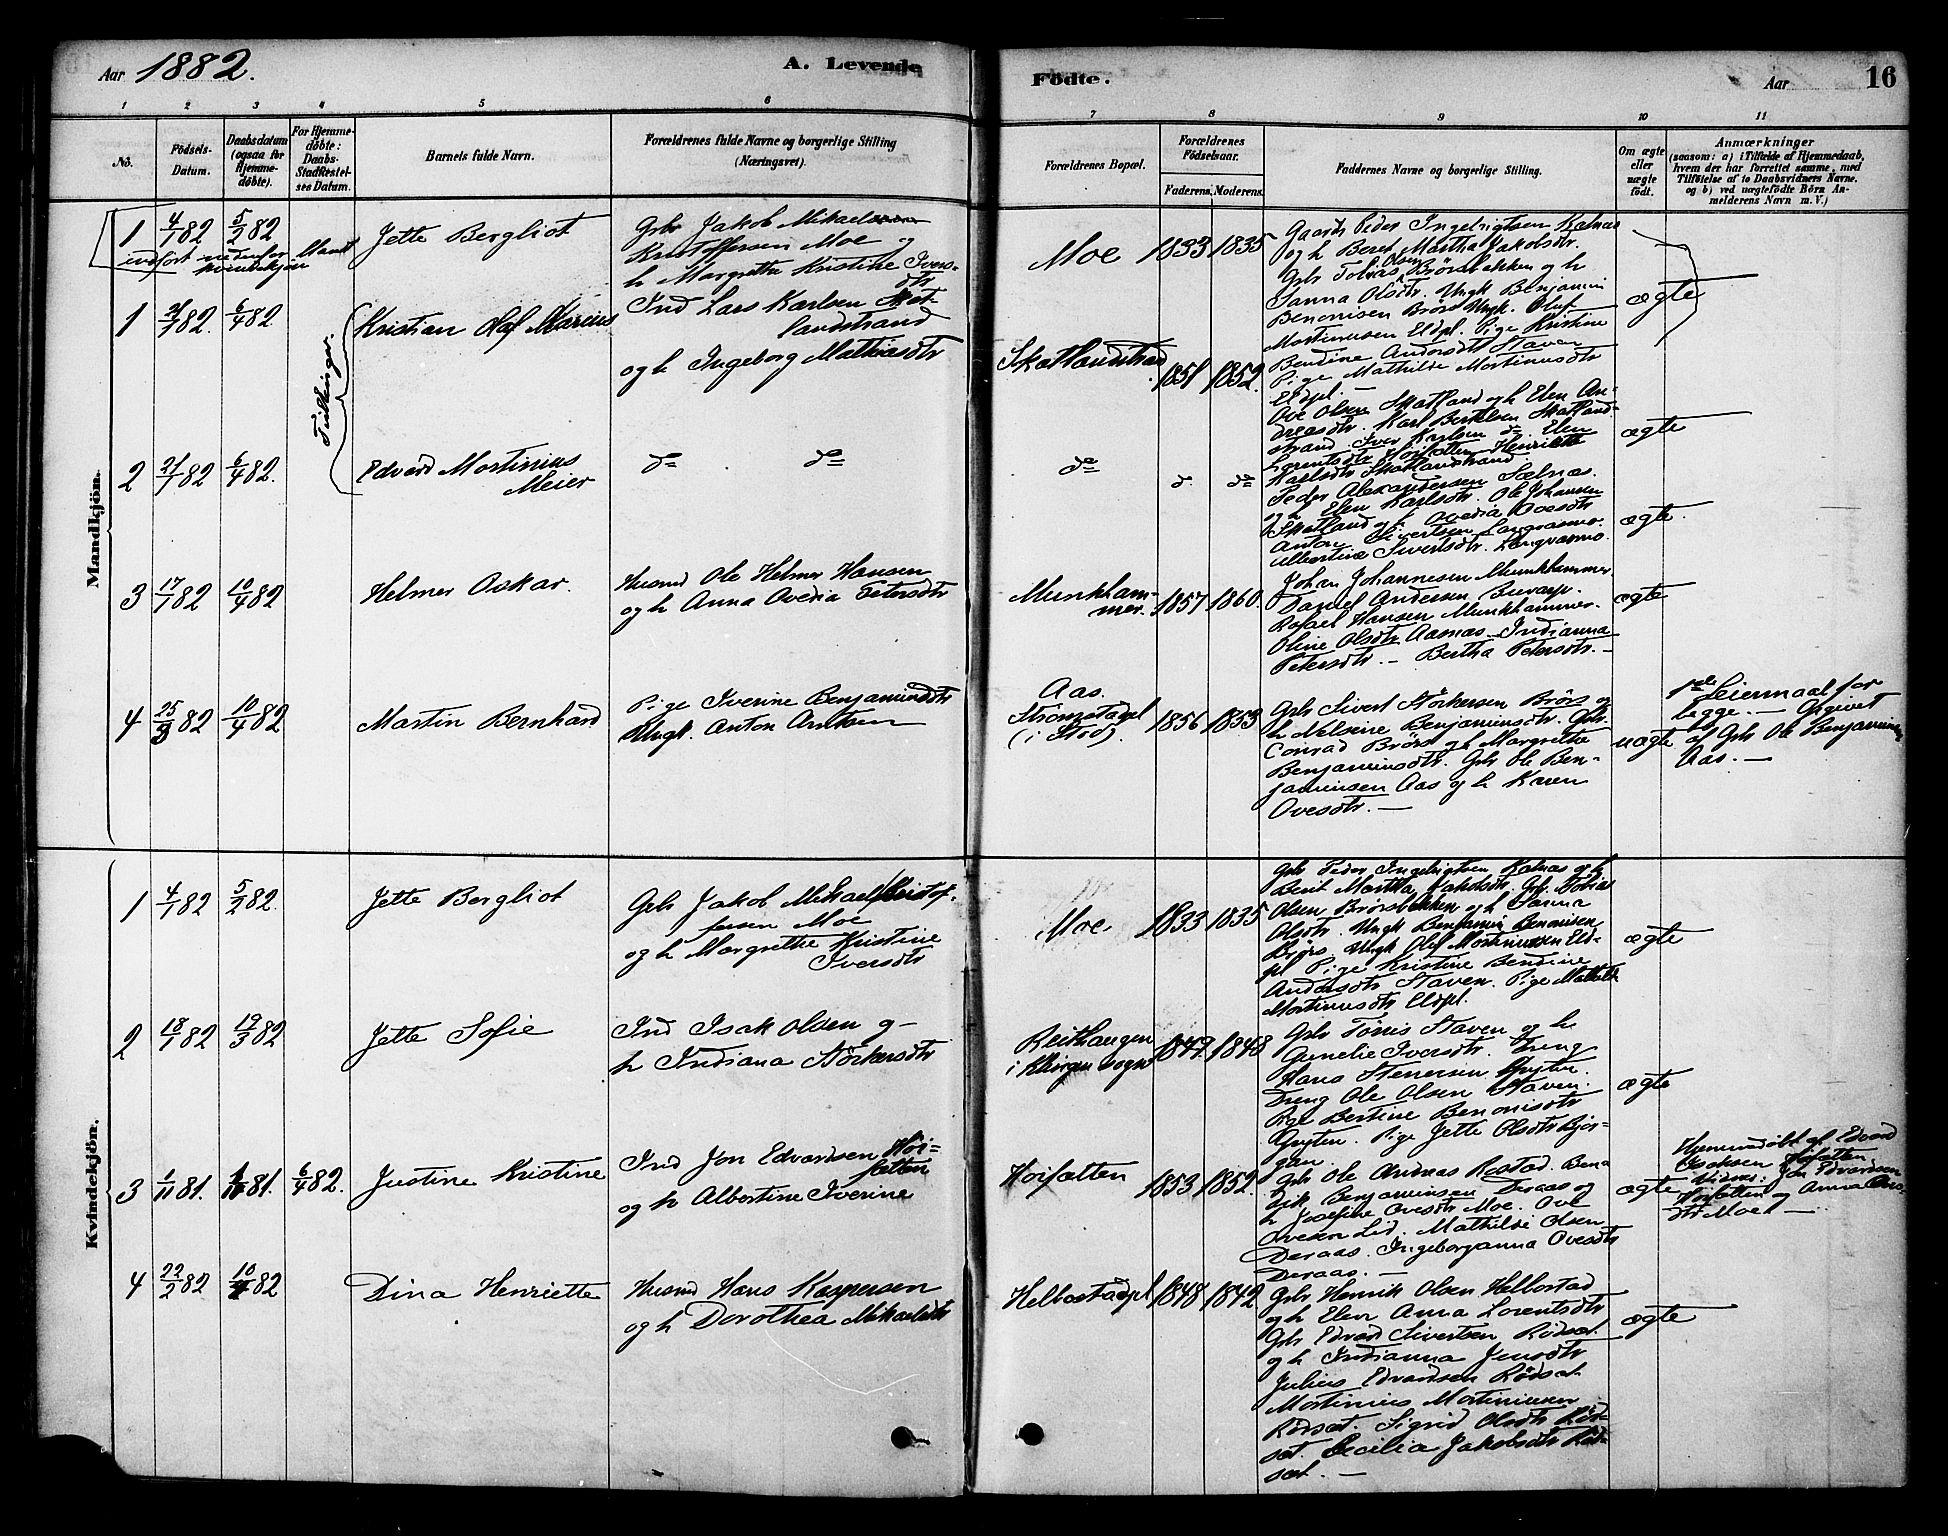 SAT, Ministerialprotokoller, klokkerbøker og fødselsregistre - Nord-Trøndelag, 742/L0408: Ministerialbok nr. 742A01, 1878-1890, s. 16